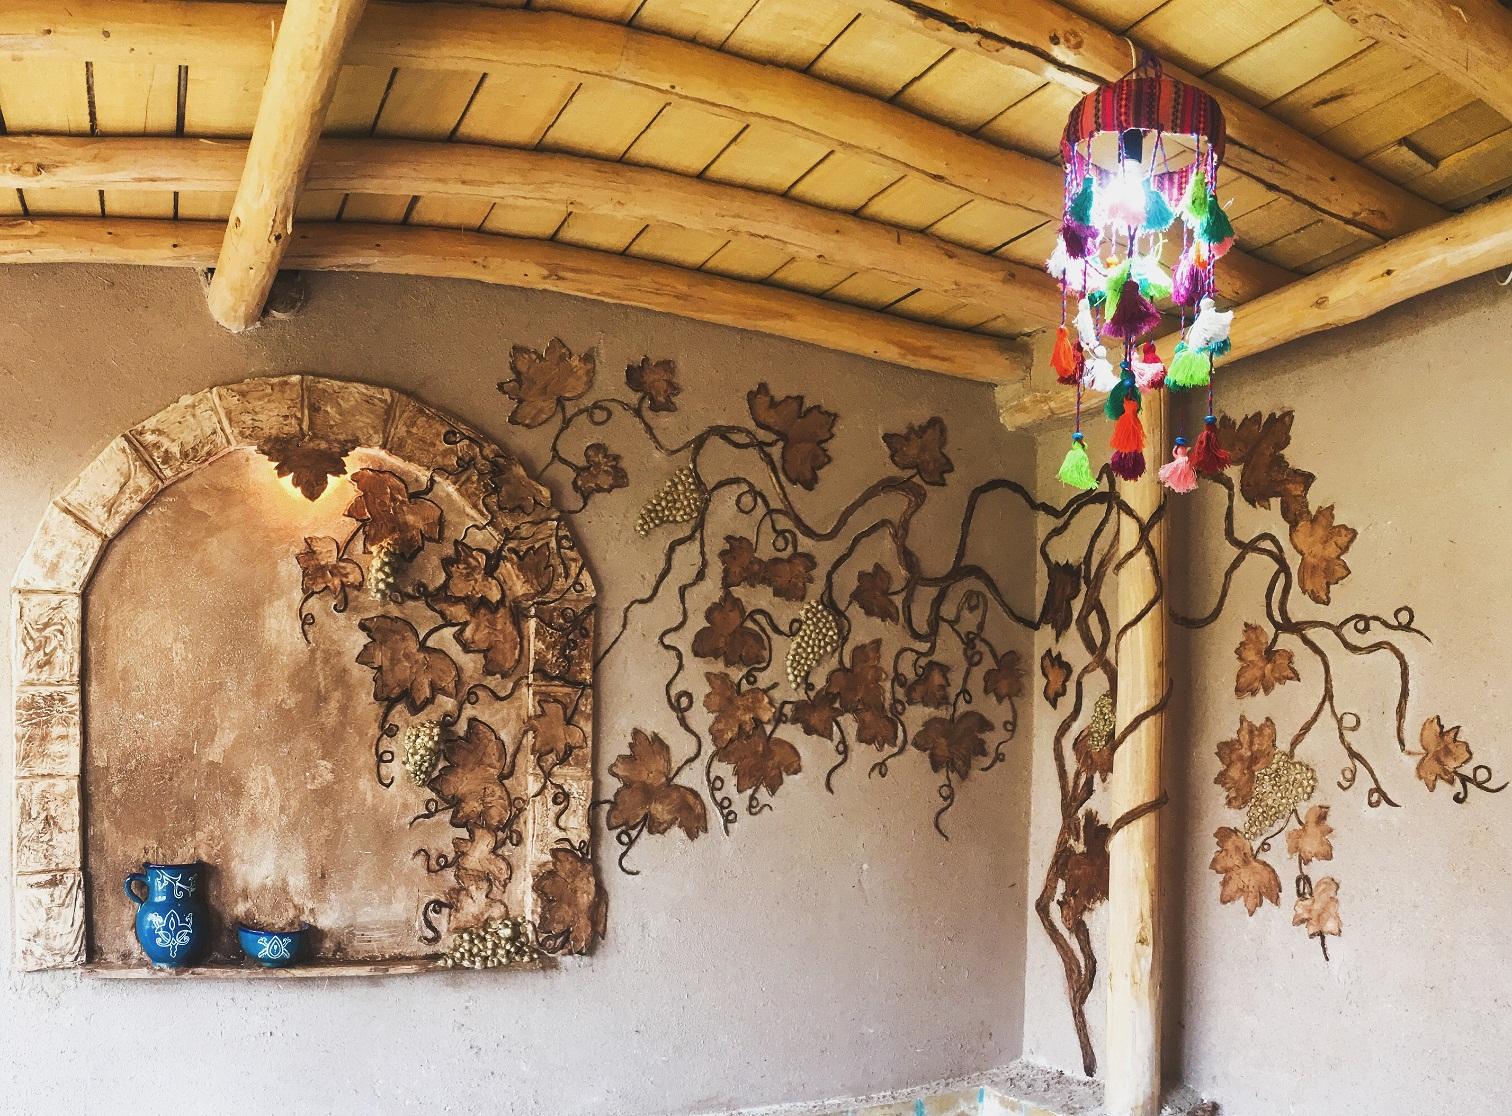 طرح های ناب روی دیوارهای کاروانسرای سلطان زنجان